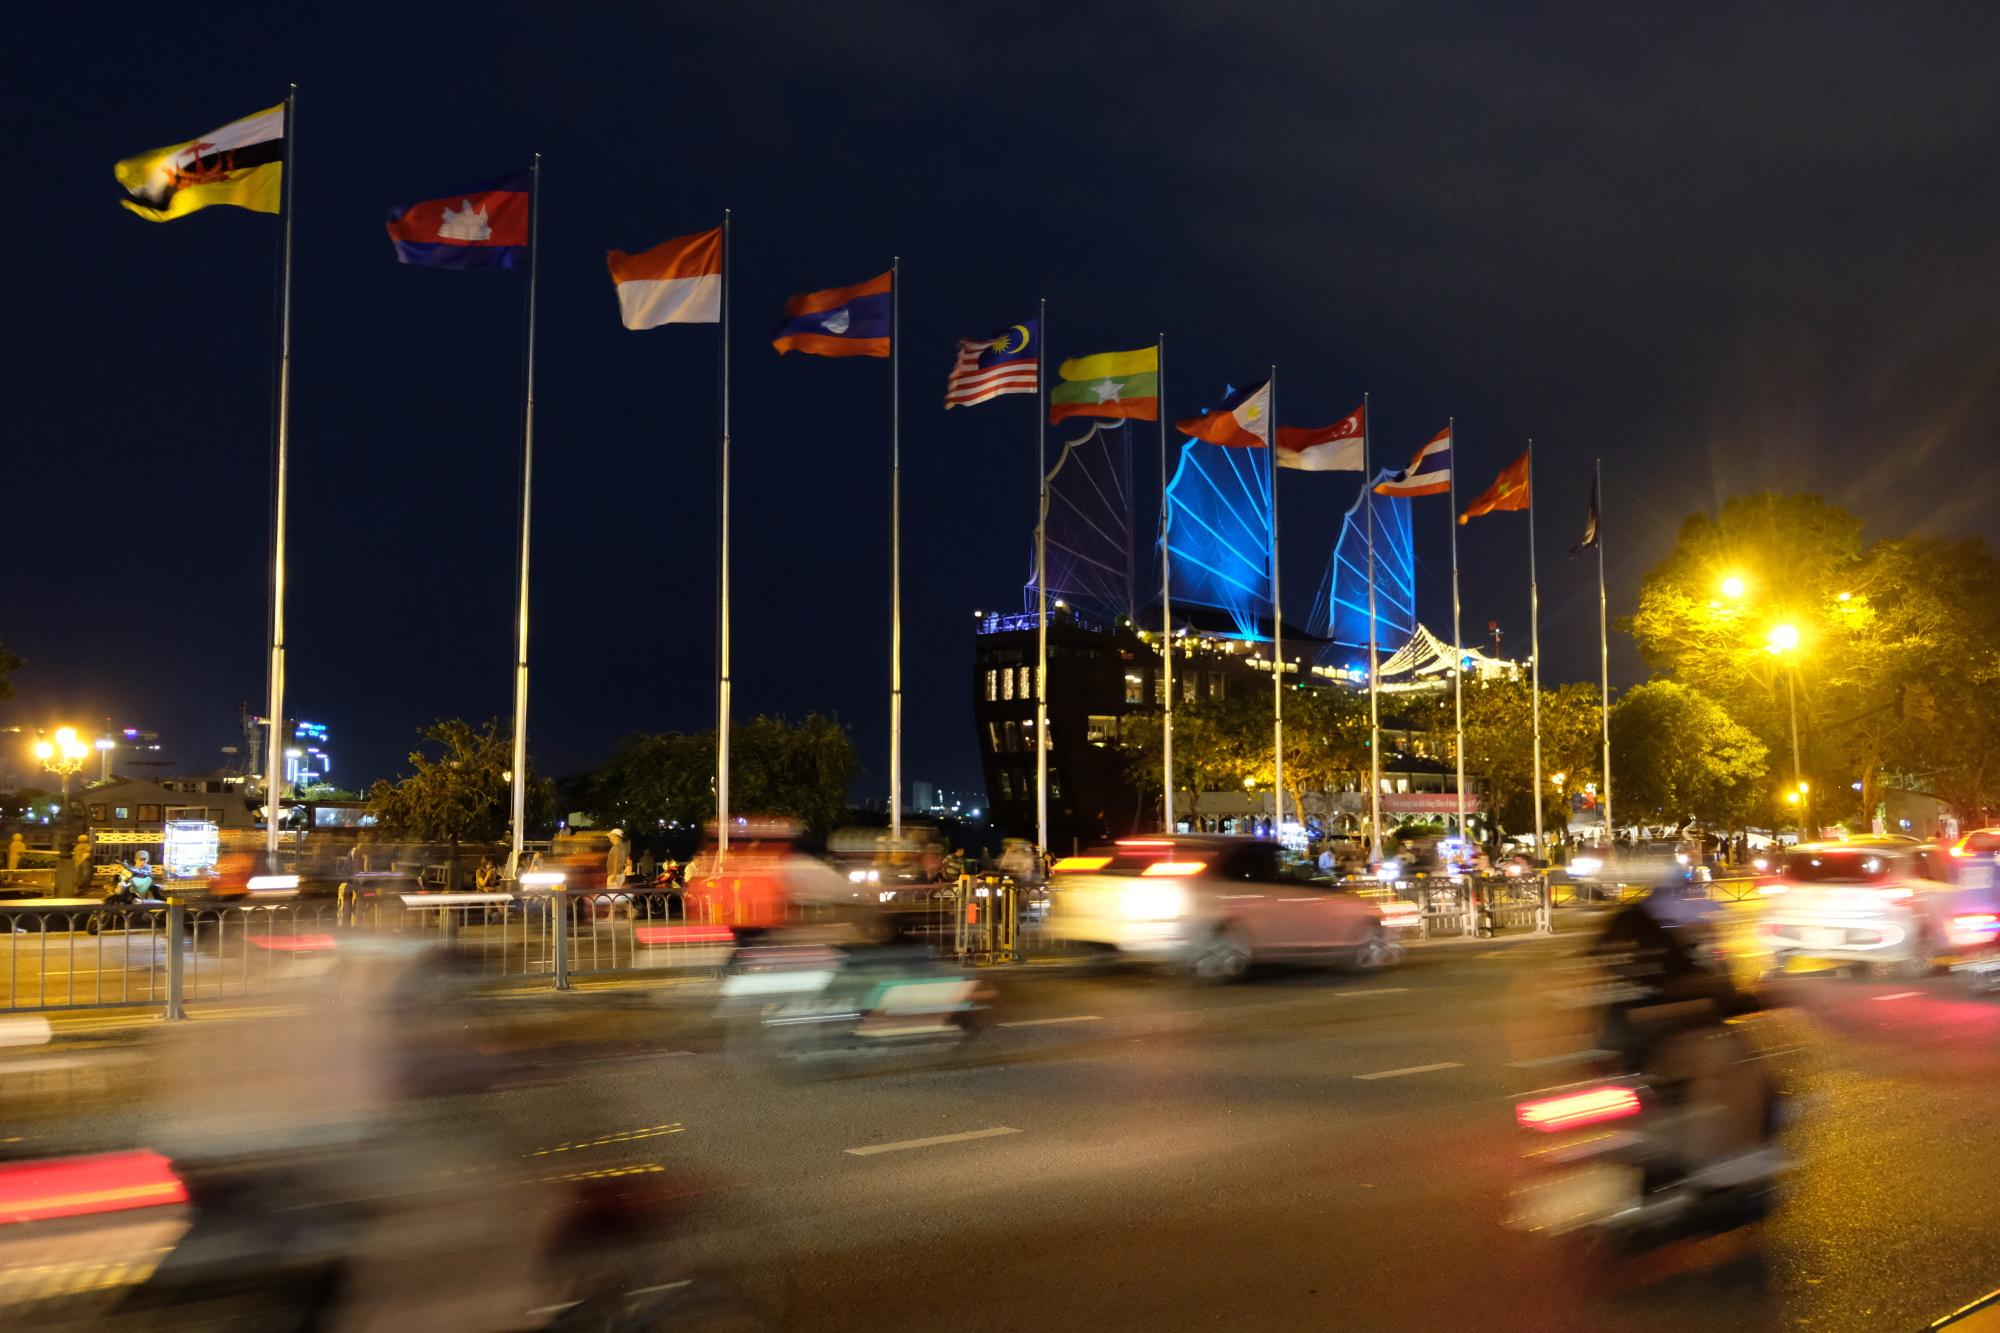 Najczęściej wymienianym partnerem w strategii UE jest ASEAN, stowarzyszenie państw Azji Południowo-Wschodniej. Fot. Shutterstock